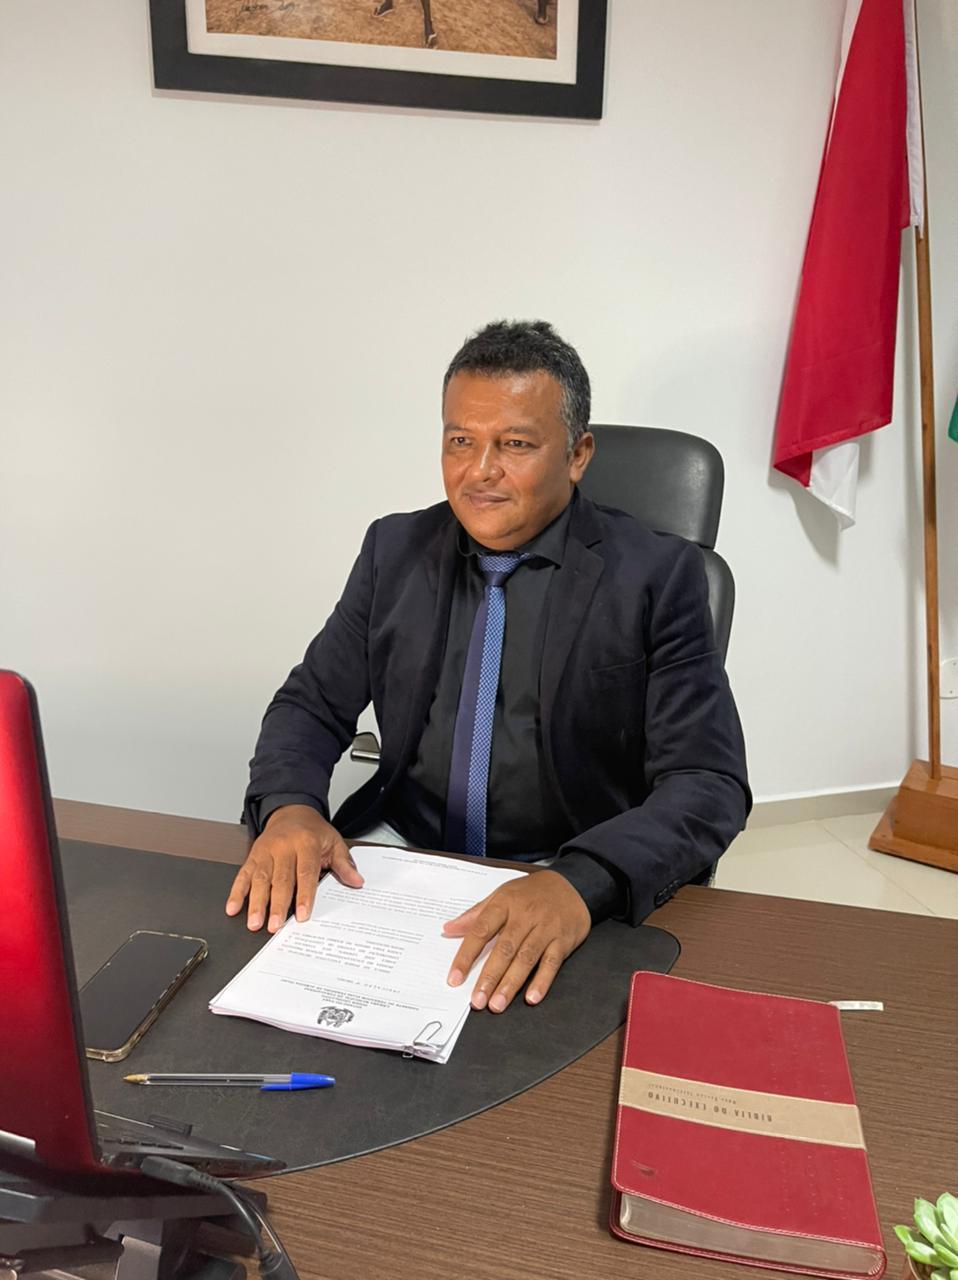 Projeto de Lei para o desenvolvimento e fortalecimento da aquicultura em Parauapebas é apresentado por Elias da Construforte.